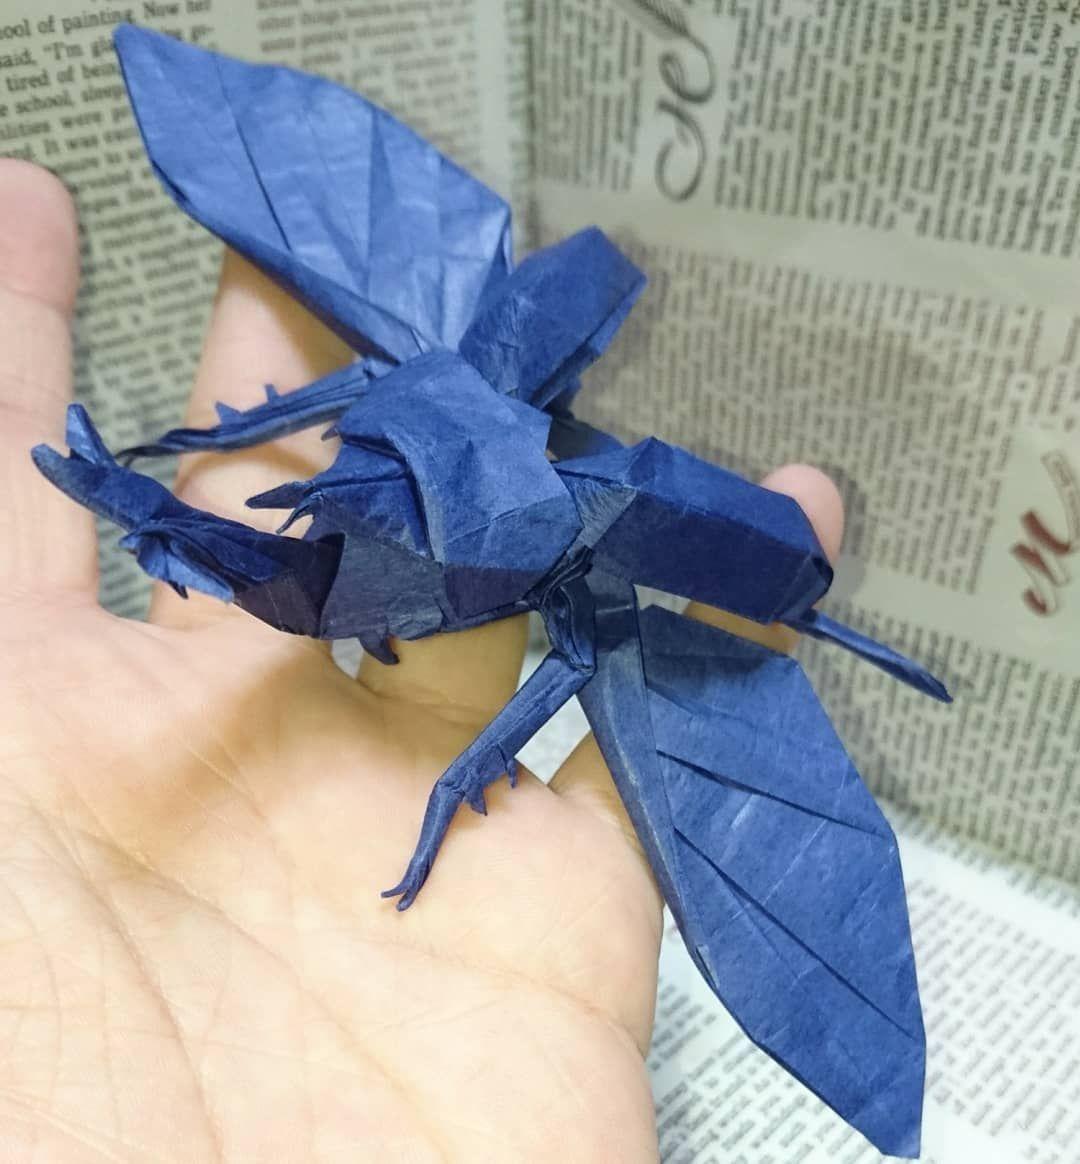 オオカブト 折り紙 ヘラクレス